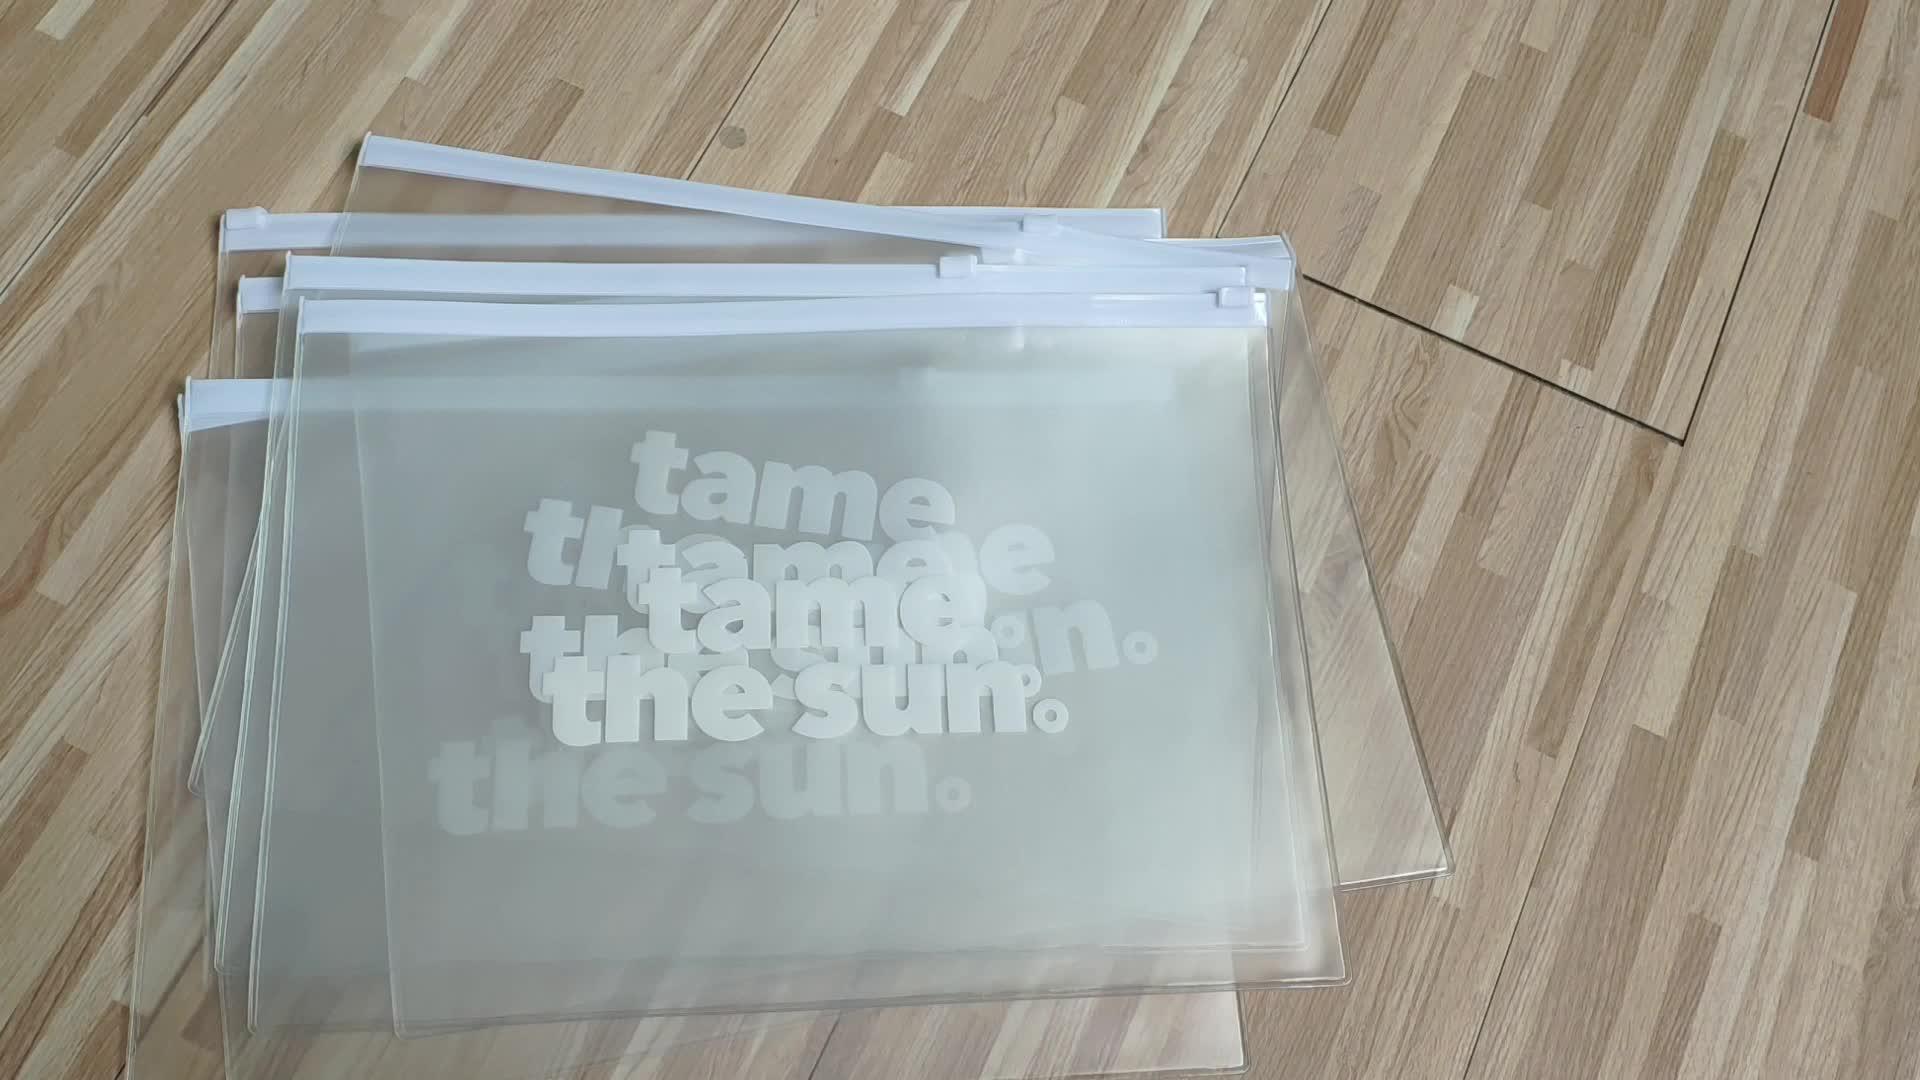 Bolsa de Bikini impermeable transparente/mate de plástico Pvc para trajes de baño, cremallera negra con anillo circular